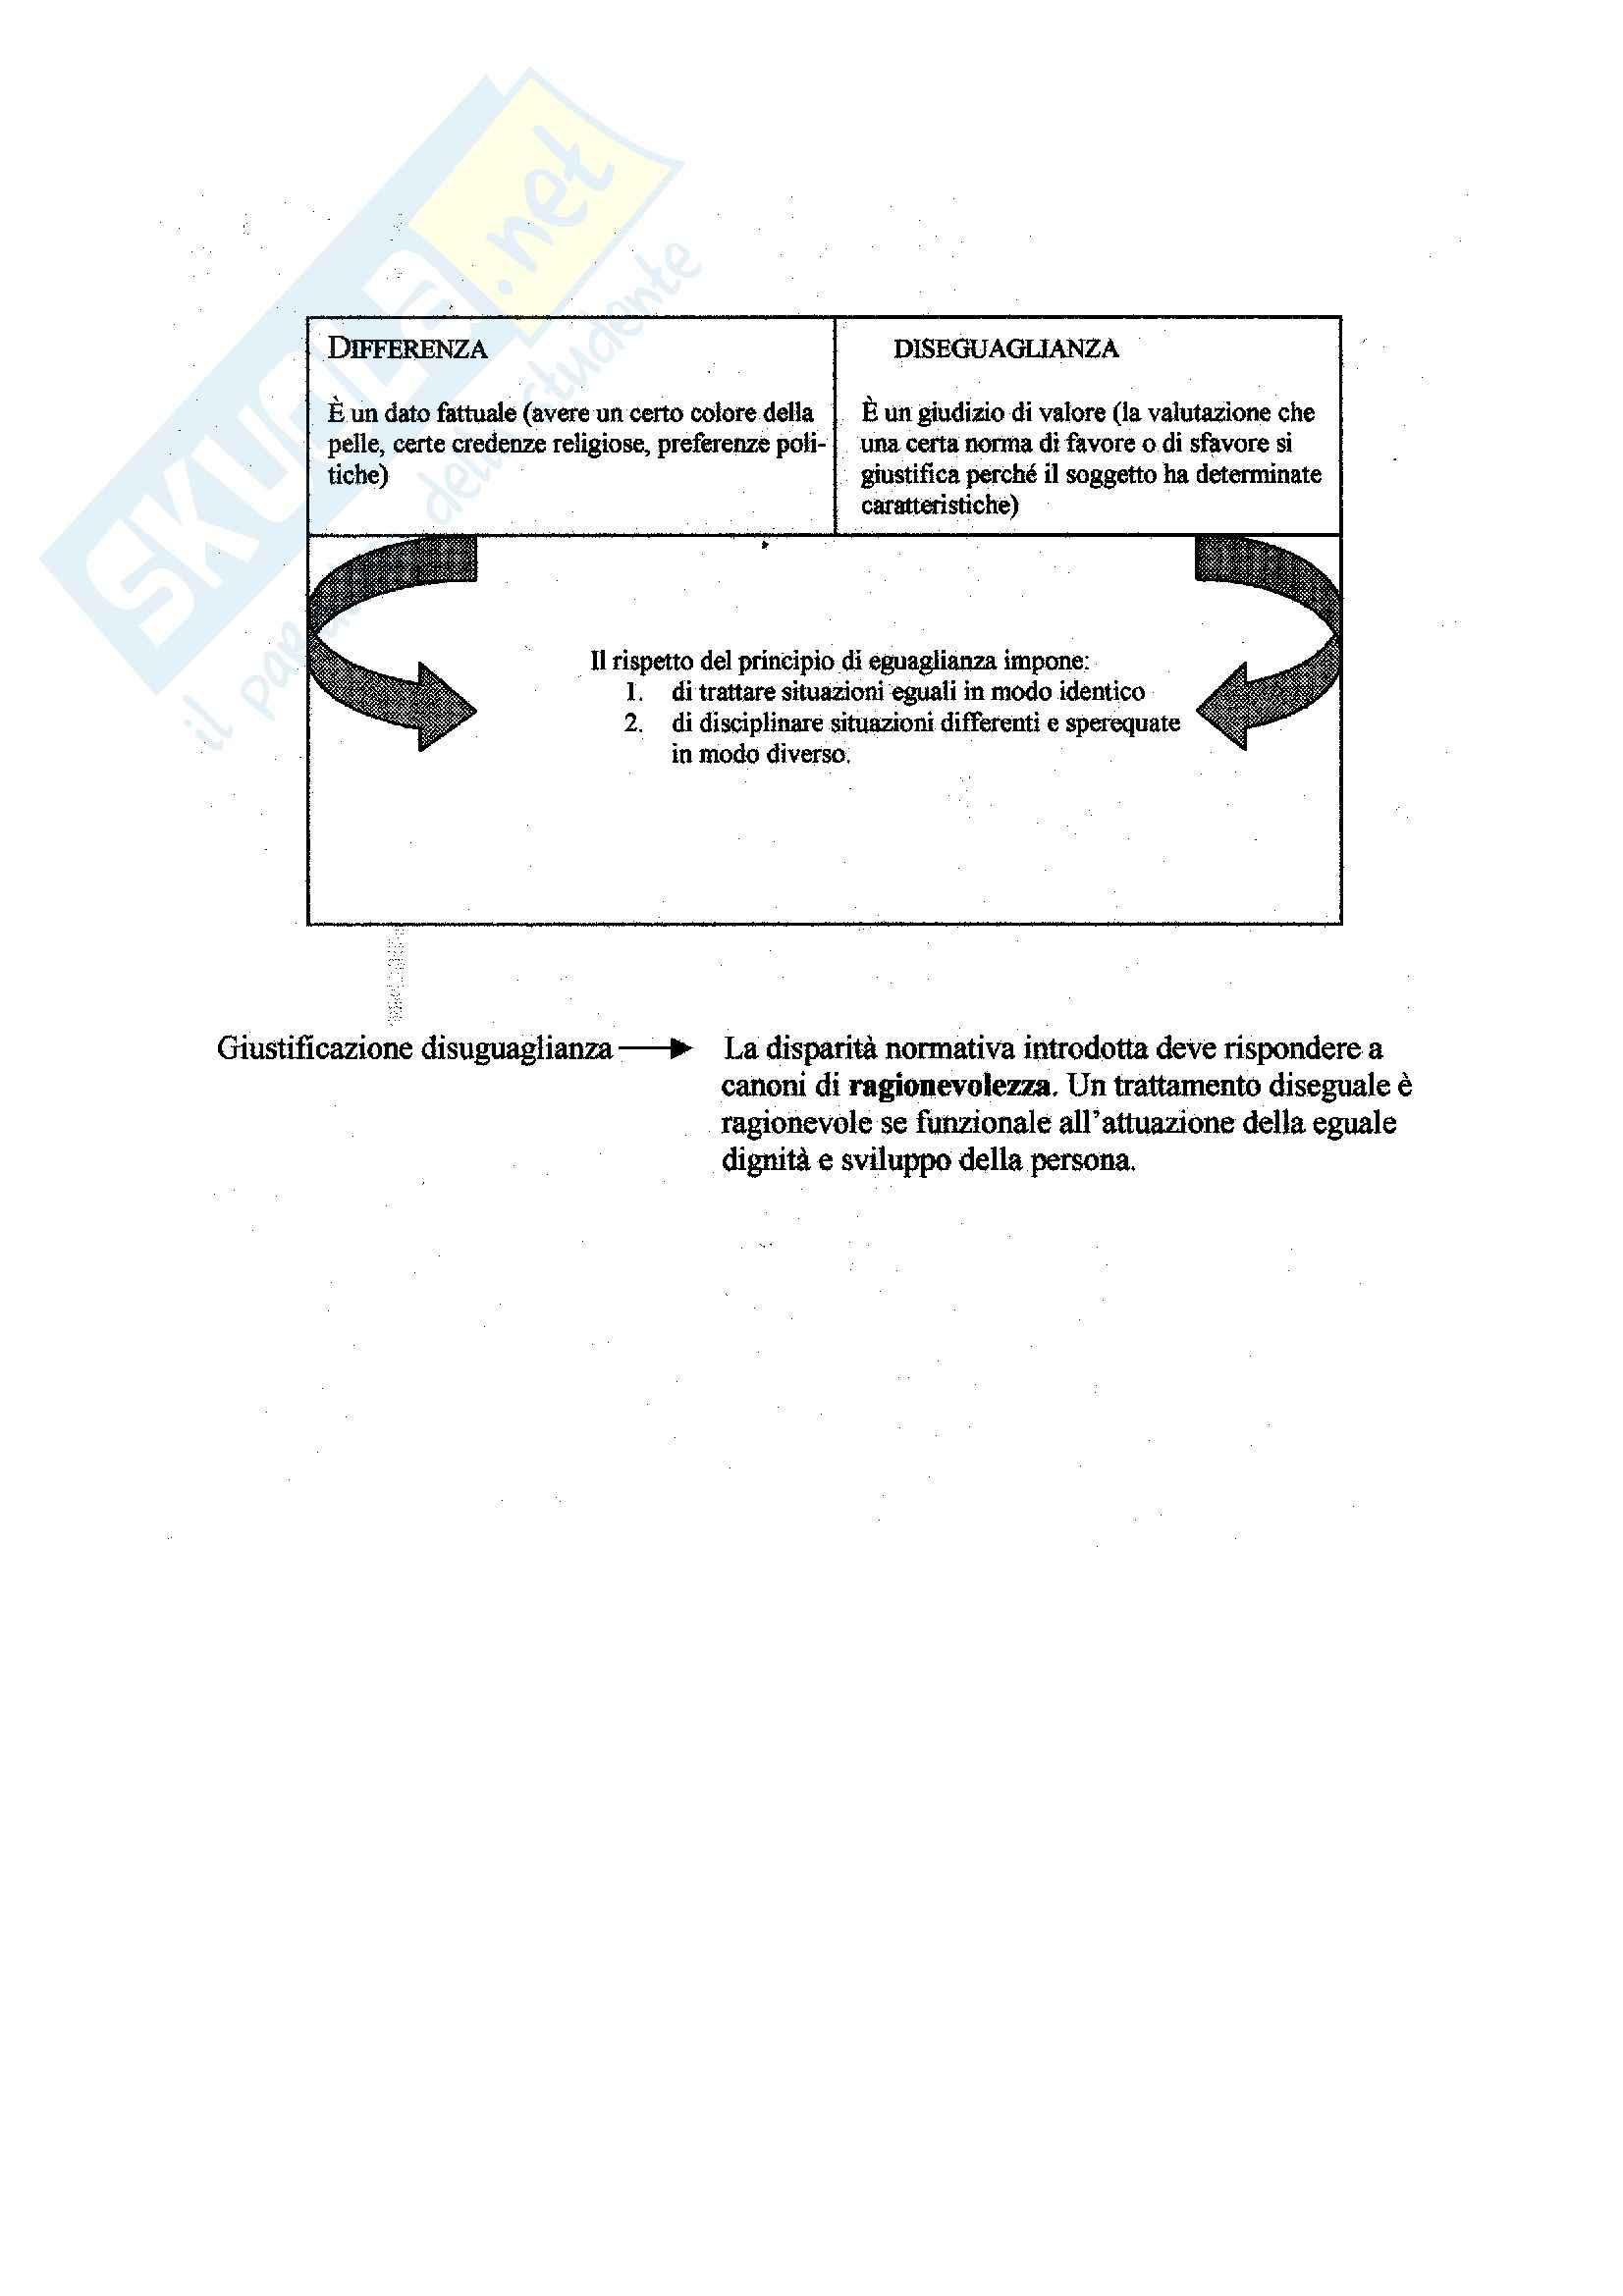 Manuale di diritto civile, Perlingieri - Schemi Pag. 6